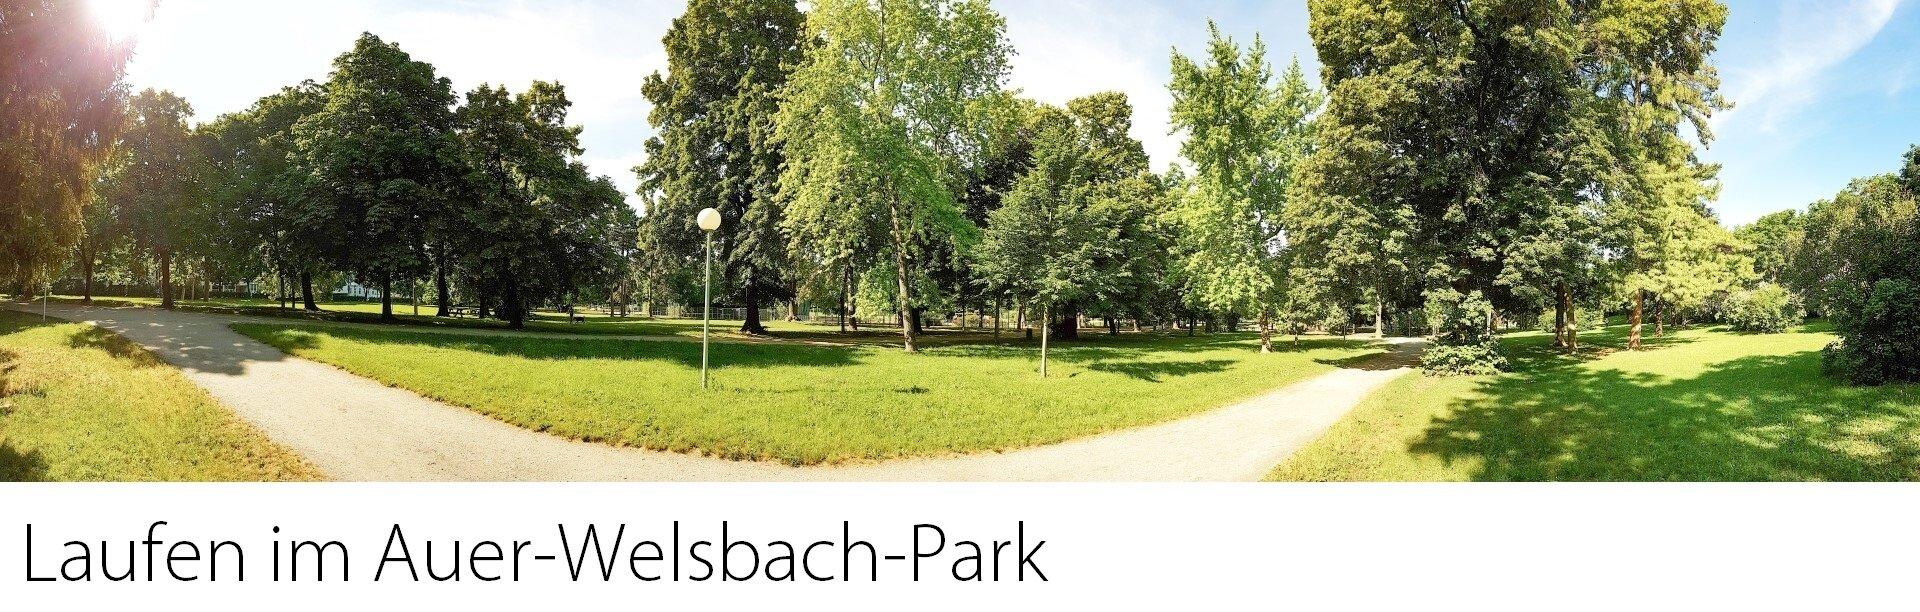 Laufen im Auer-Welsbach-Park